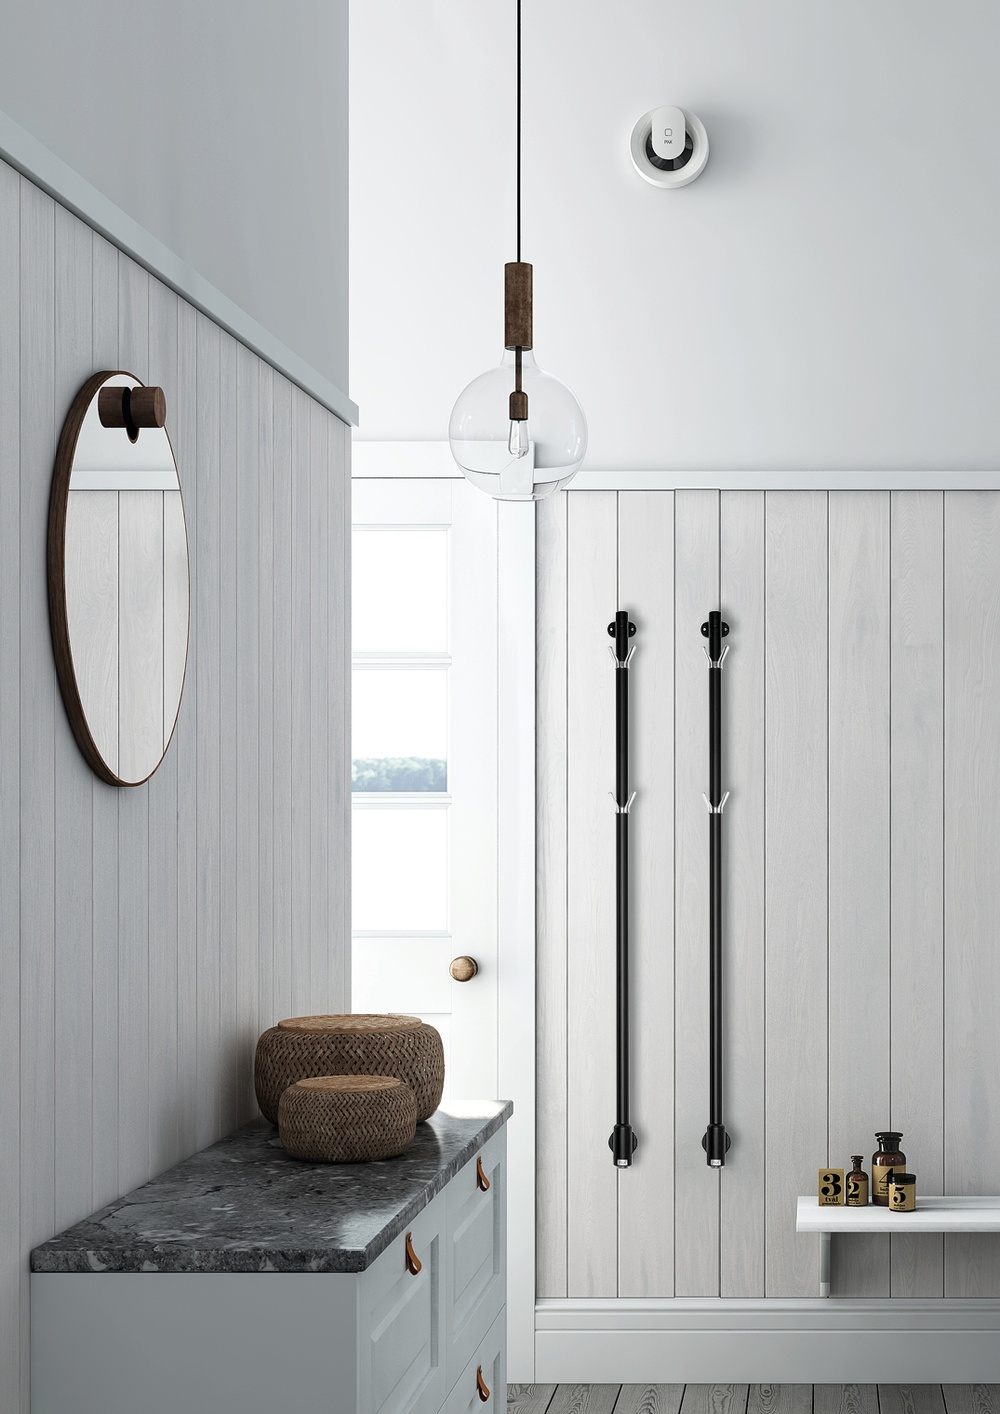 Limbo Pax handdukstork svart Black Edition Momento II elektrisk handdukstork badrum hall